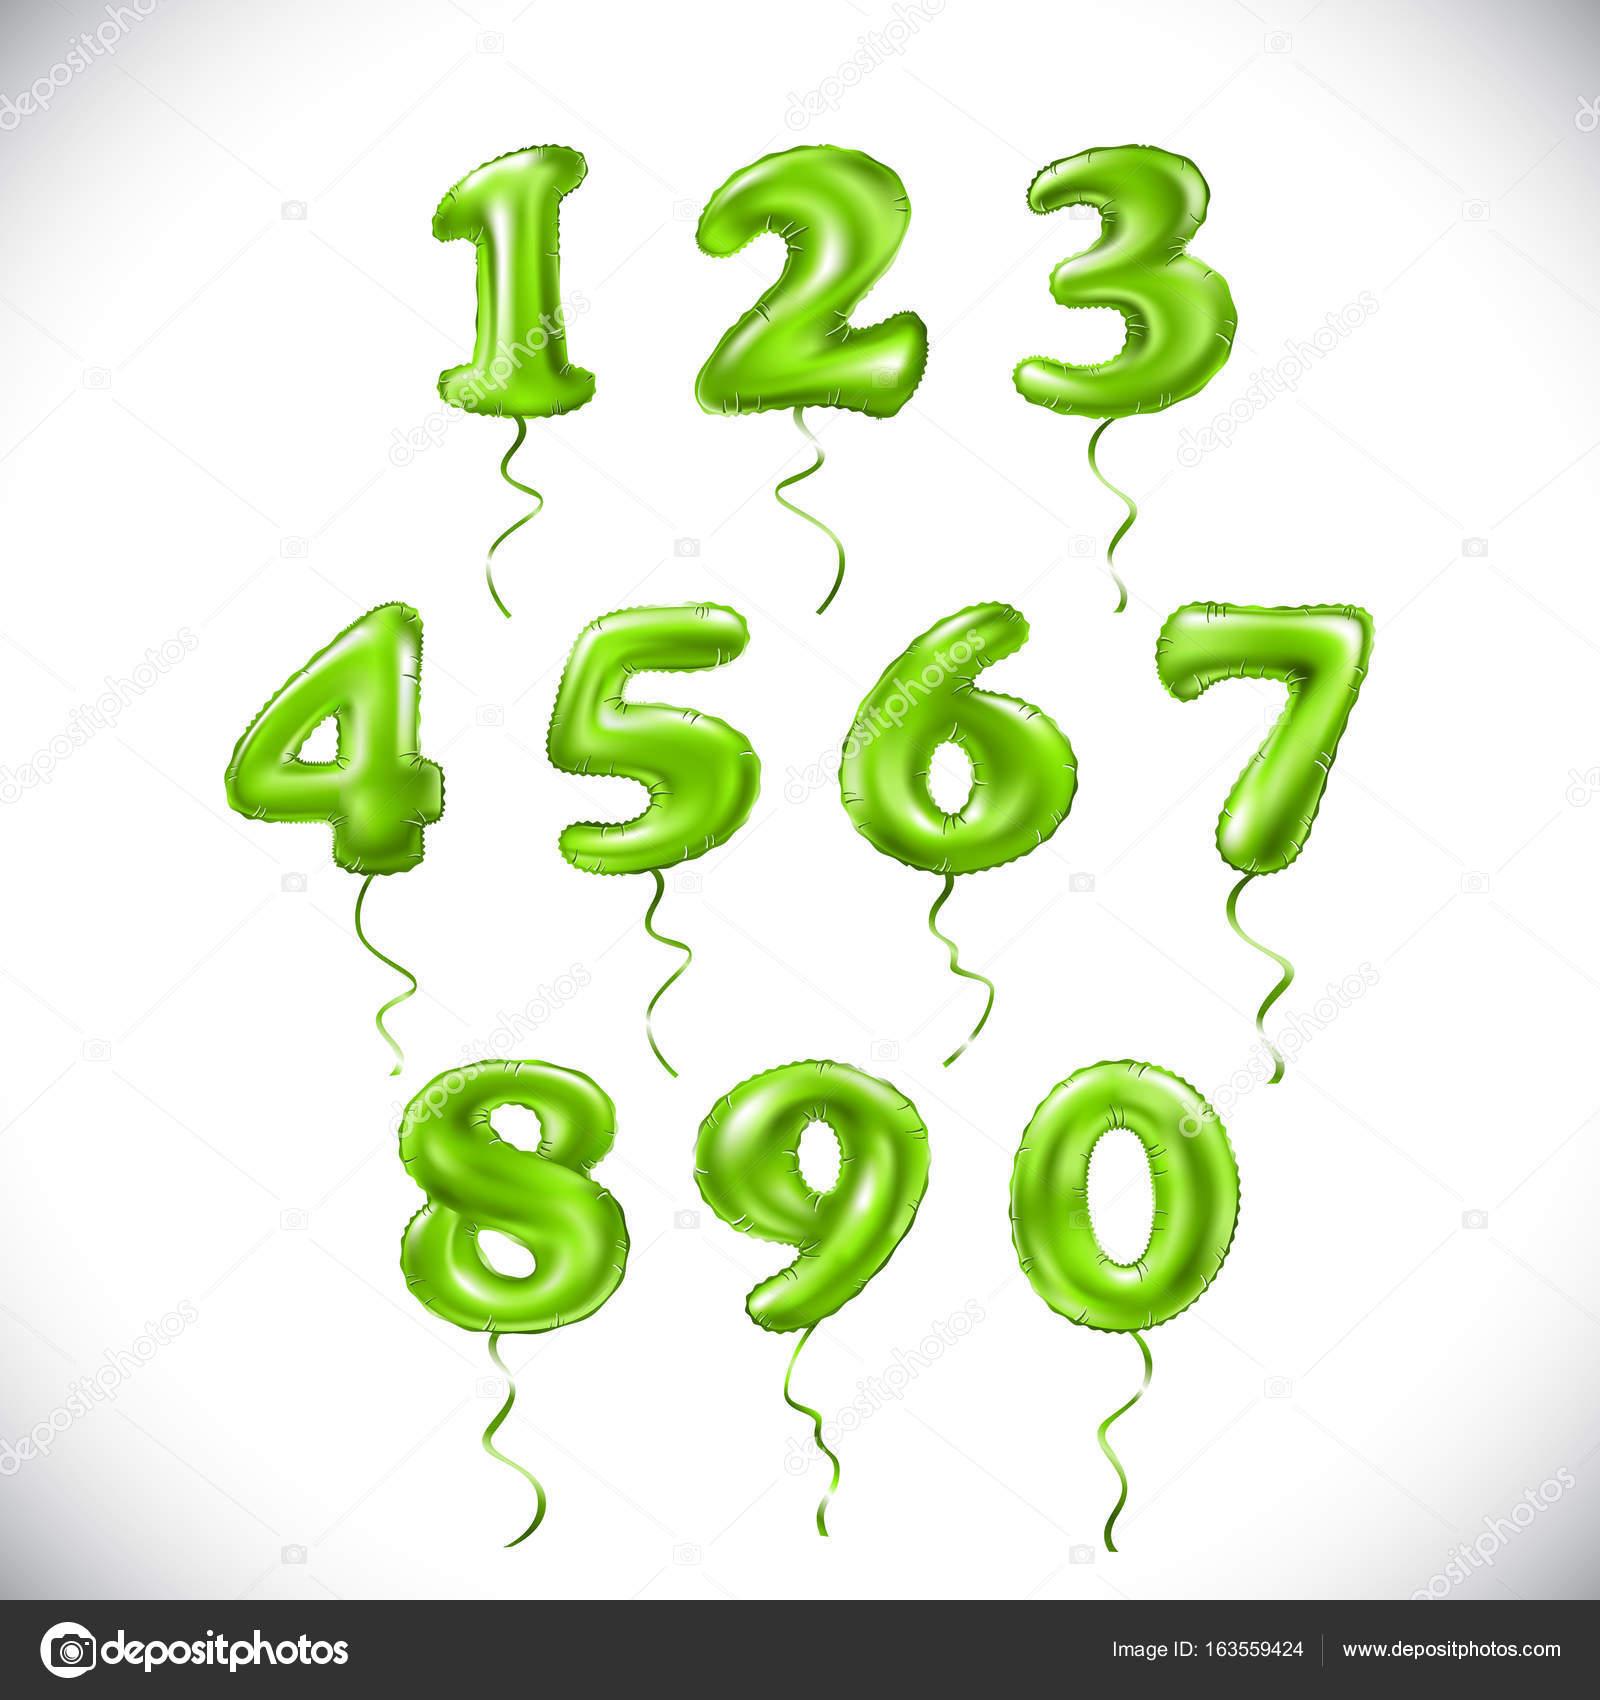 Vector verde número 1, 2, 3, 4, 5, 6, 7, 8, 9, 0 globo metálico ...